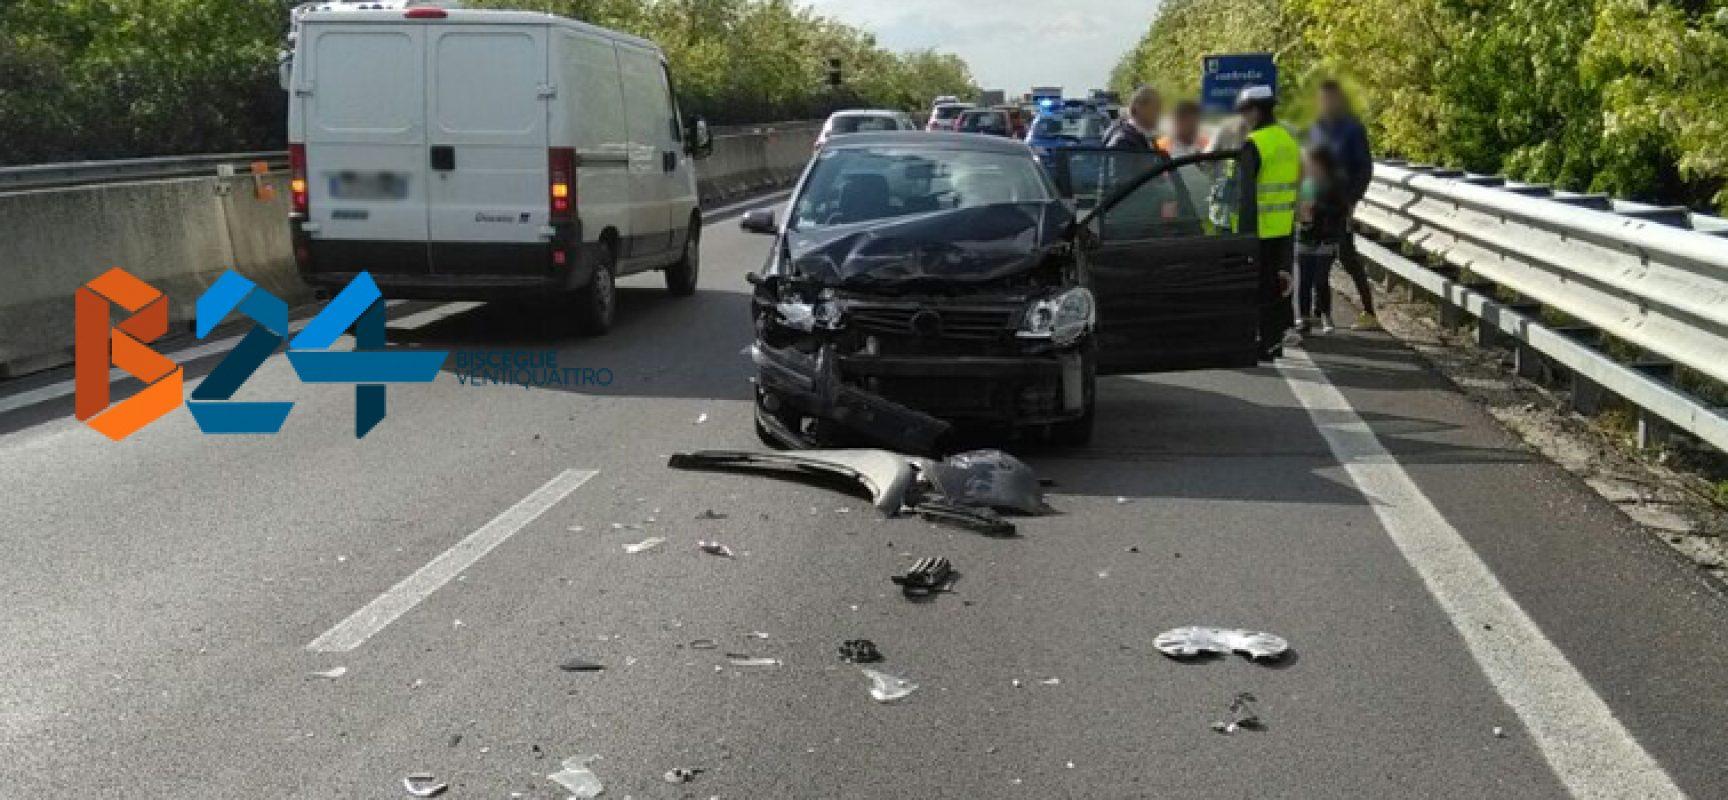 Incidente sulla statale 16, una persona al pronto soccorso